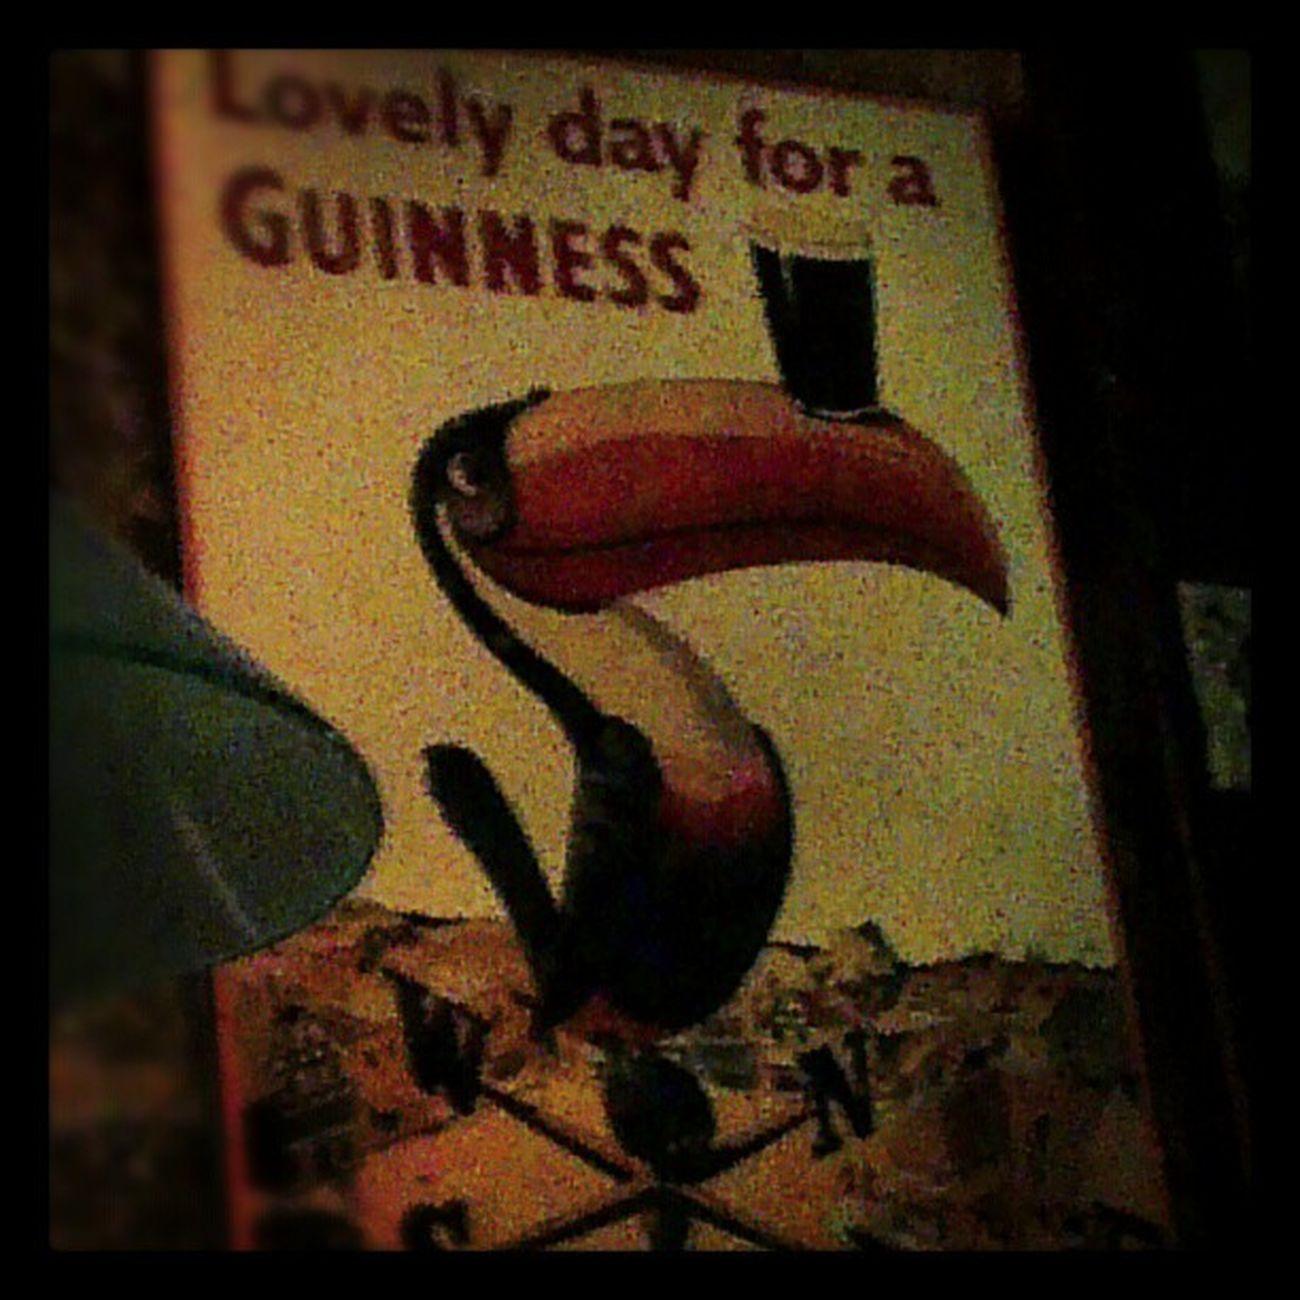 Beer Guiness Stjamespub Irishambiance Lyon